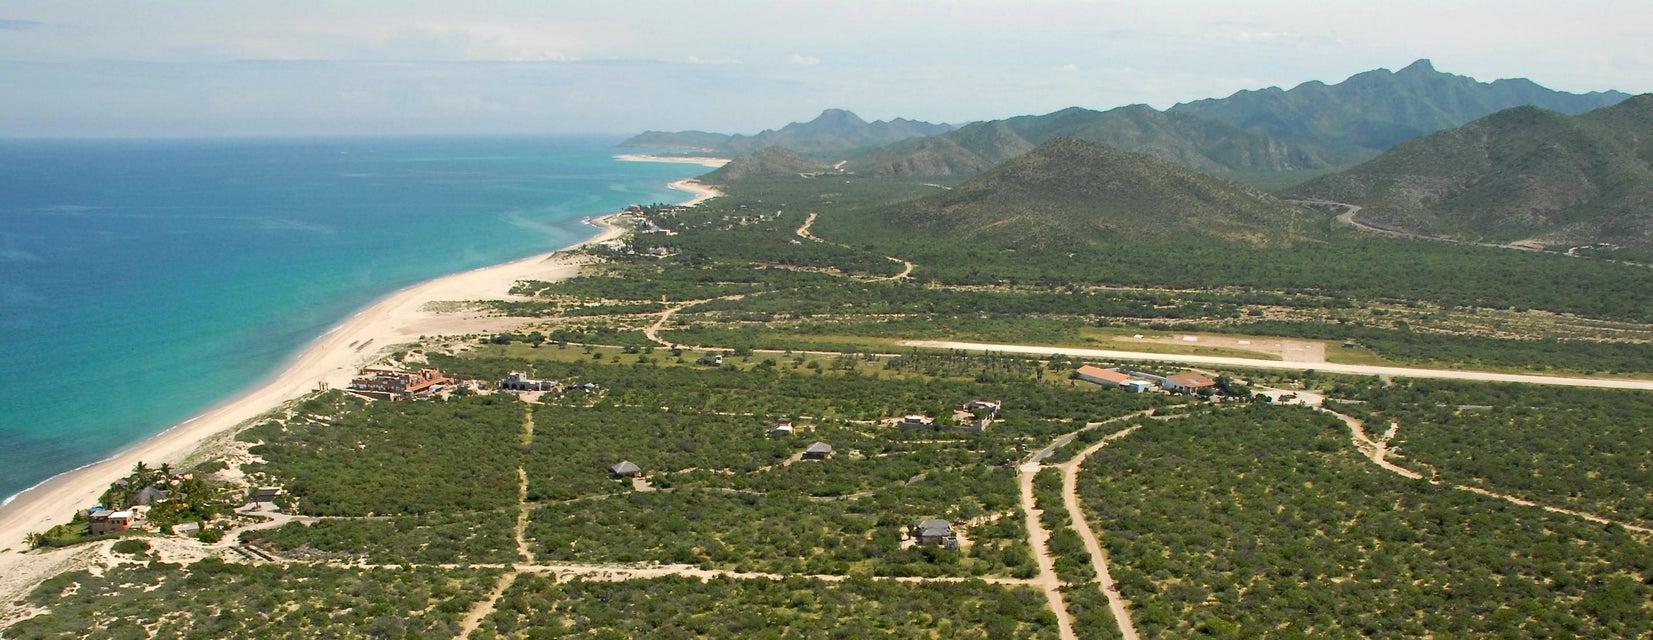 Lot 9 Bahia del Rincon-1